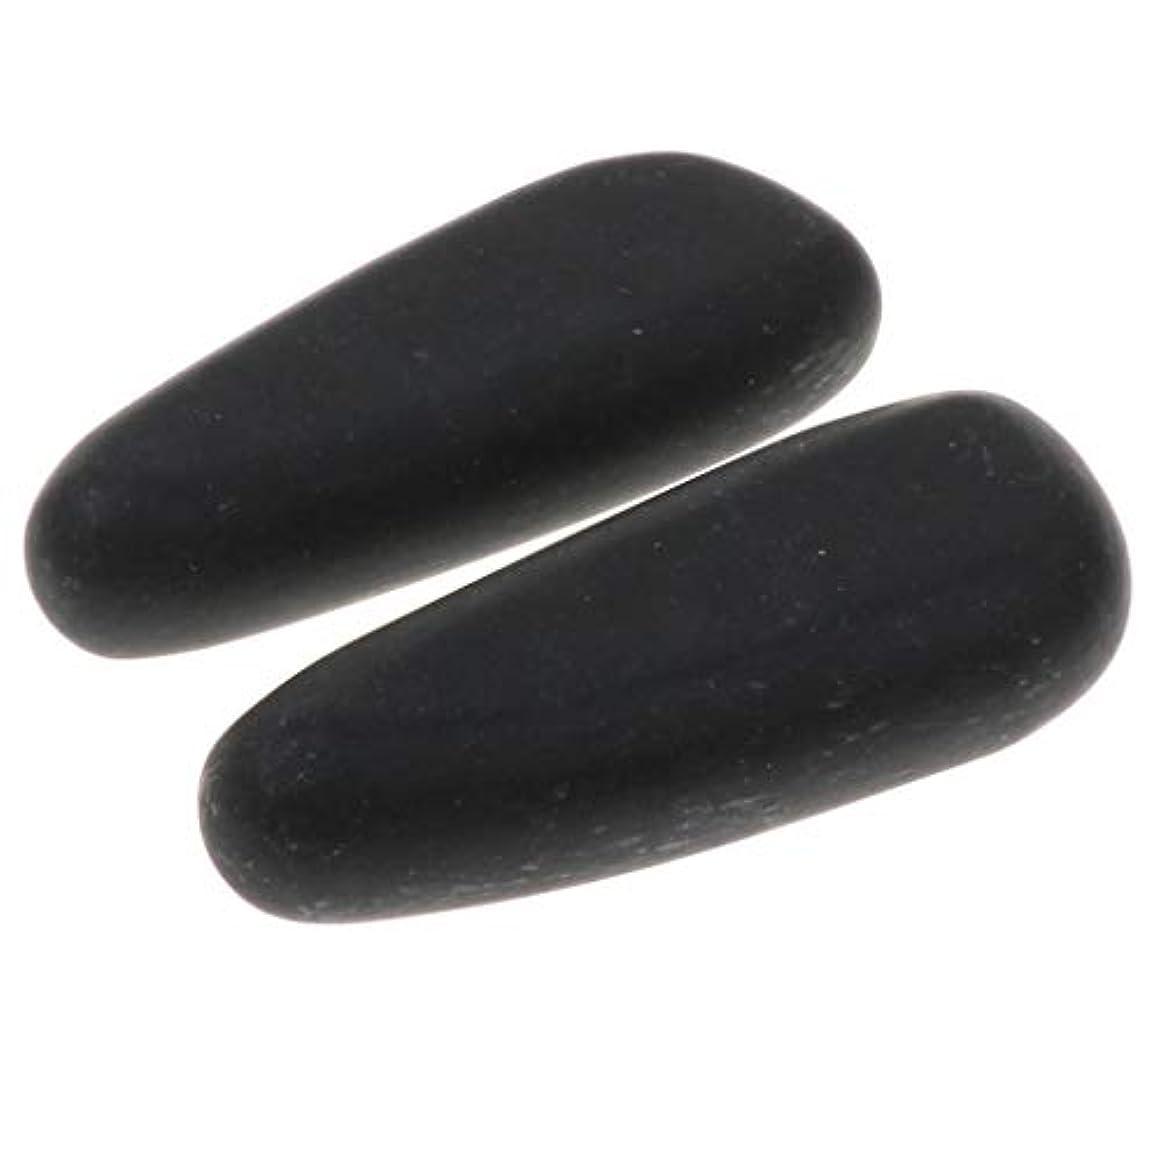 腸退却大理石gazechimp ホットストーン マッサージ石 マッサージストーン 玄武岩 ボディマッサージ 2個 全2サイズ - 8×3.2×2cm